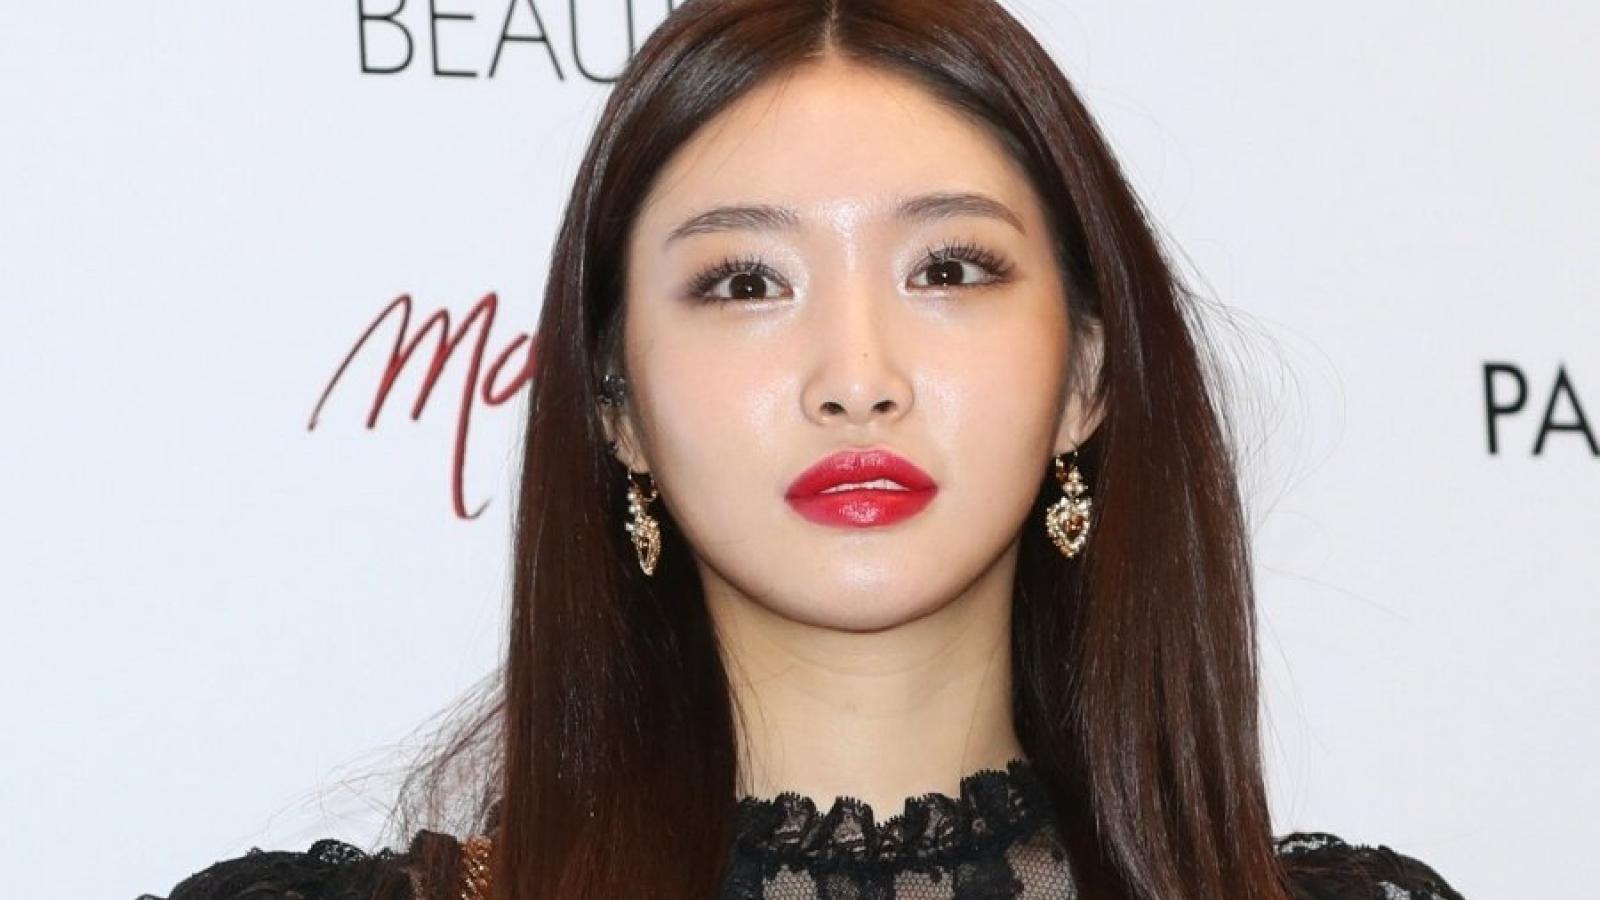 Nữ ca sĩ Chung Ha dương tính với virus SAR-CoV-2